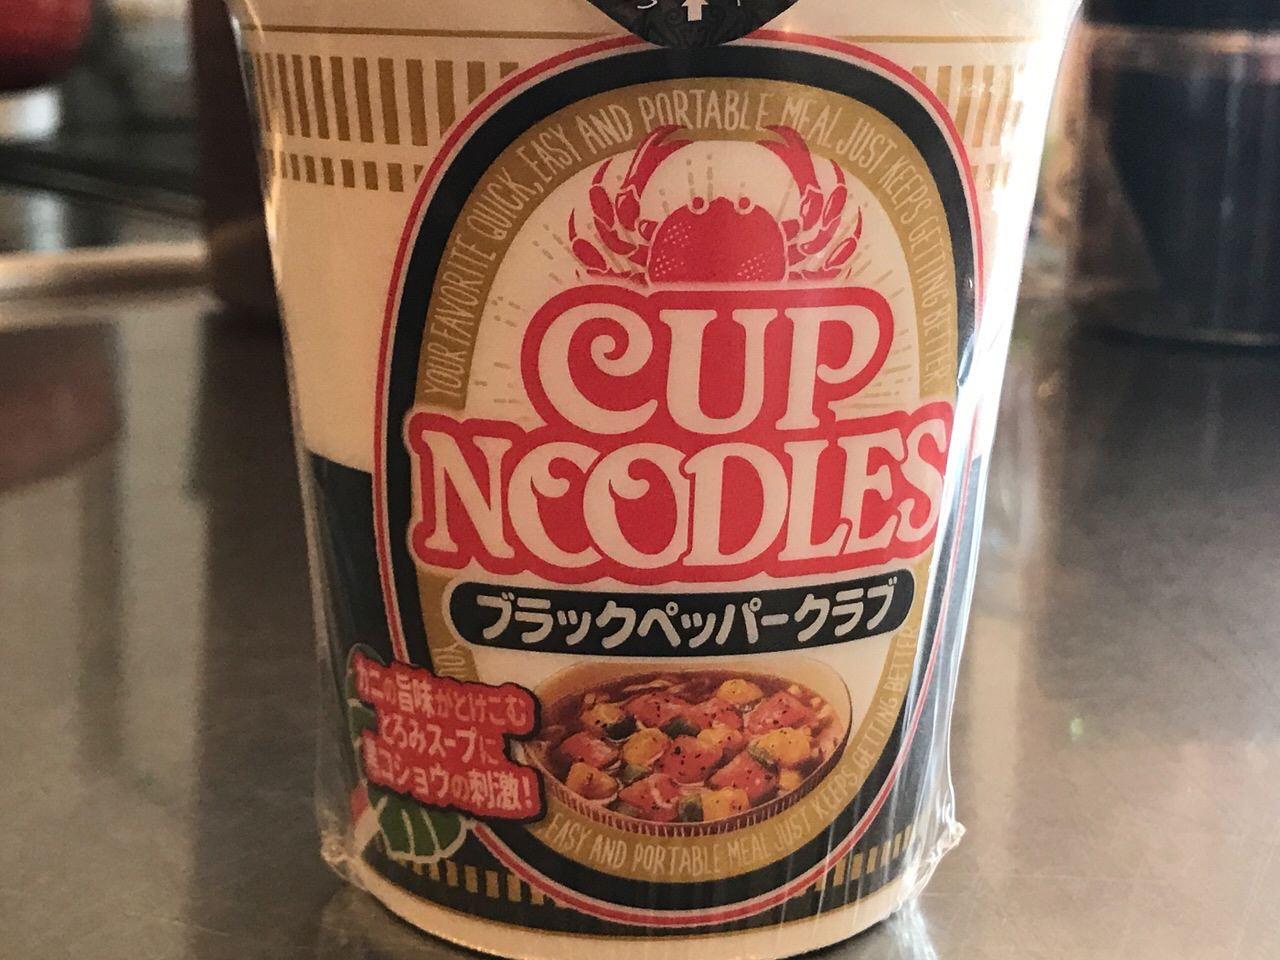 カップヌードル「ブラックペッパークラブ」カニの旨味と黒胡椒